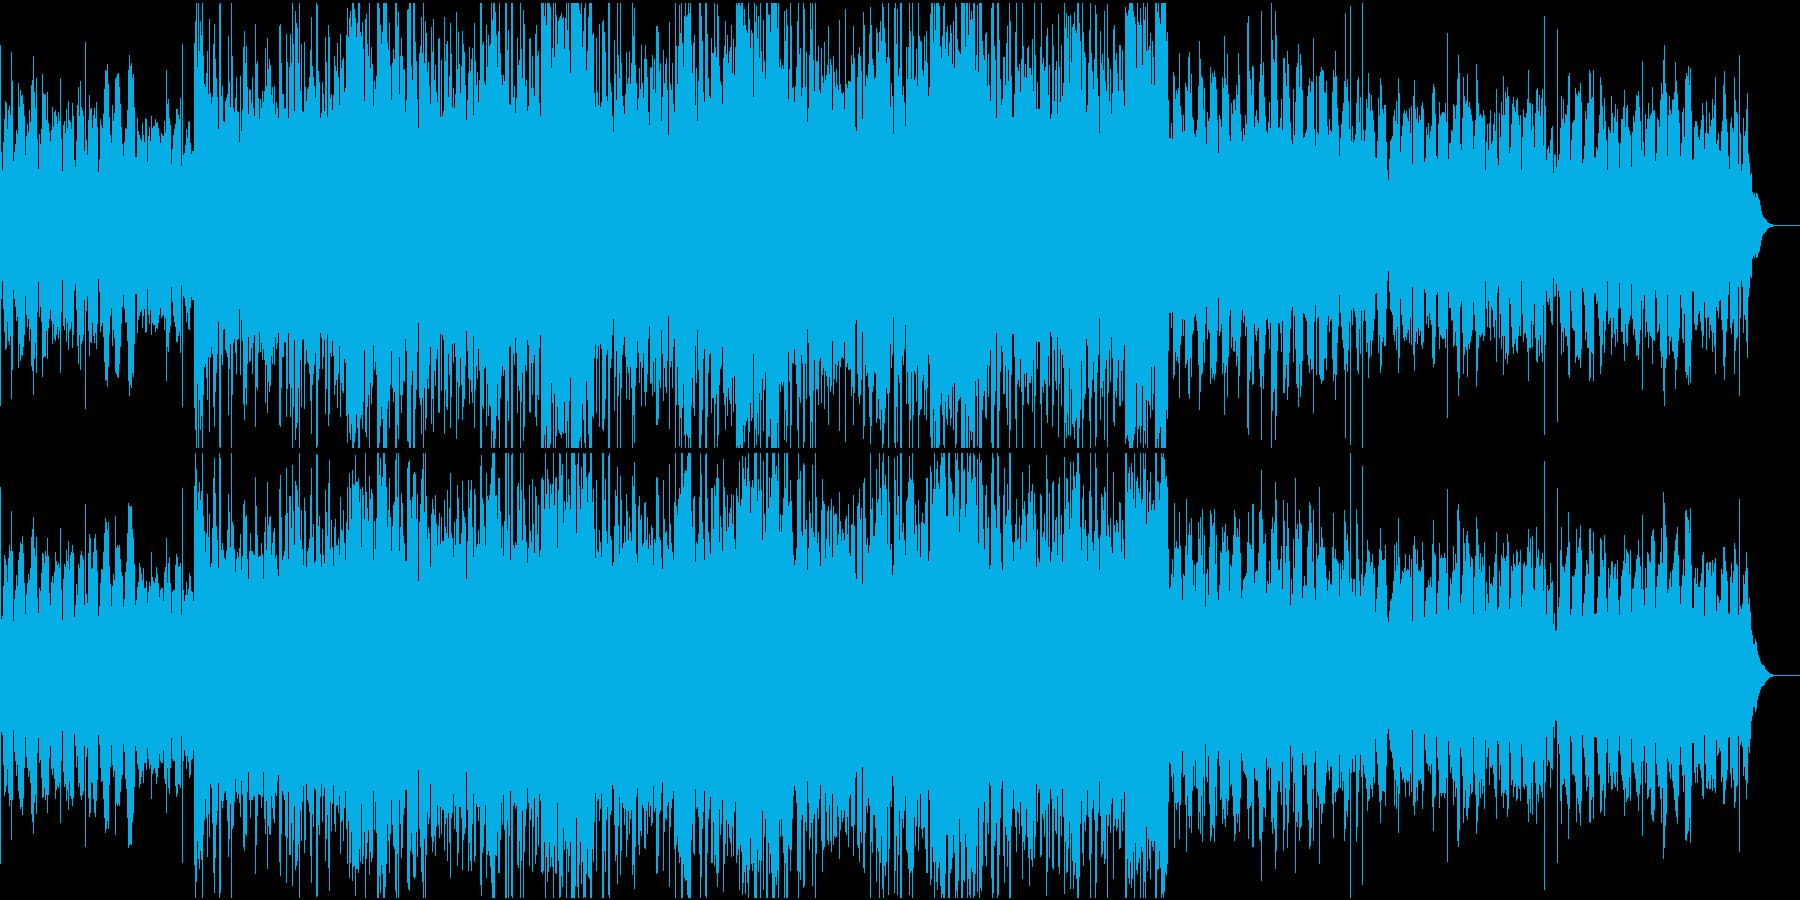 近未来を感じさせるシンセポップサウンドの再生済みの波形